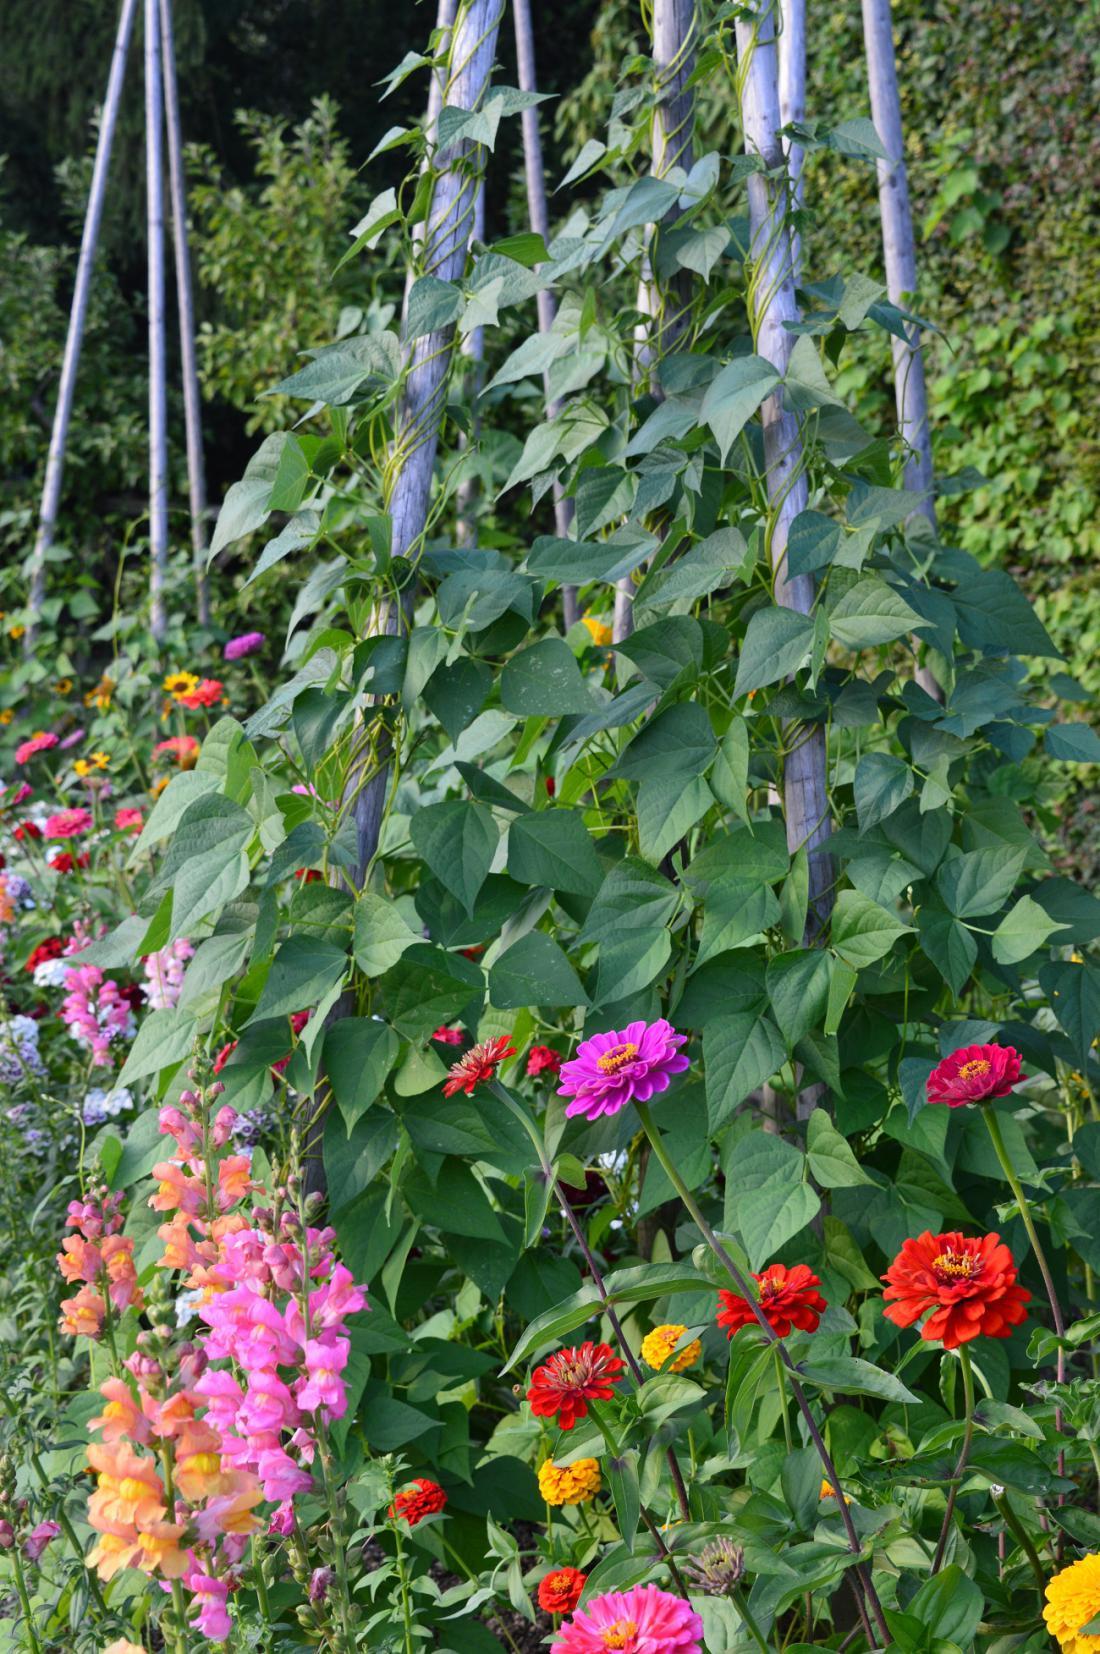 Cvetje privablja na zelenjavne gredice opraševalce.